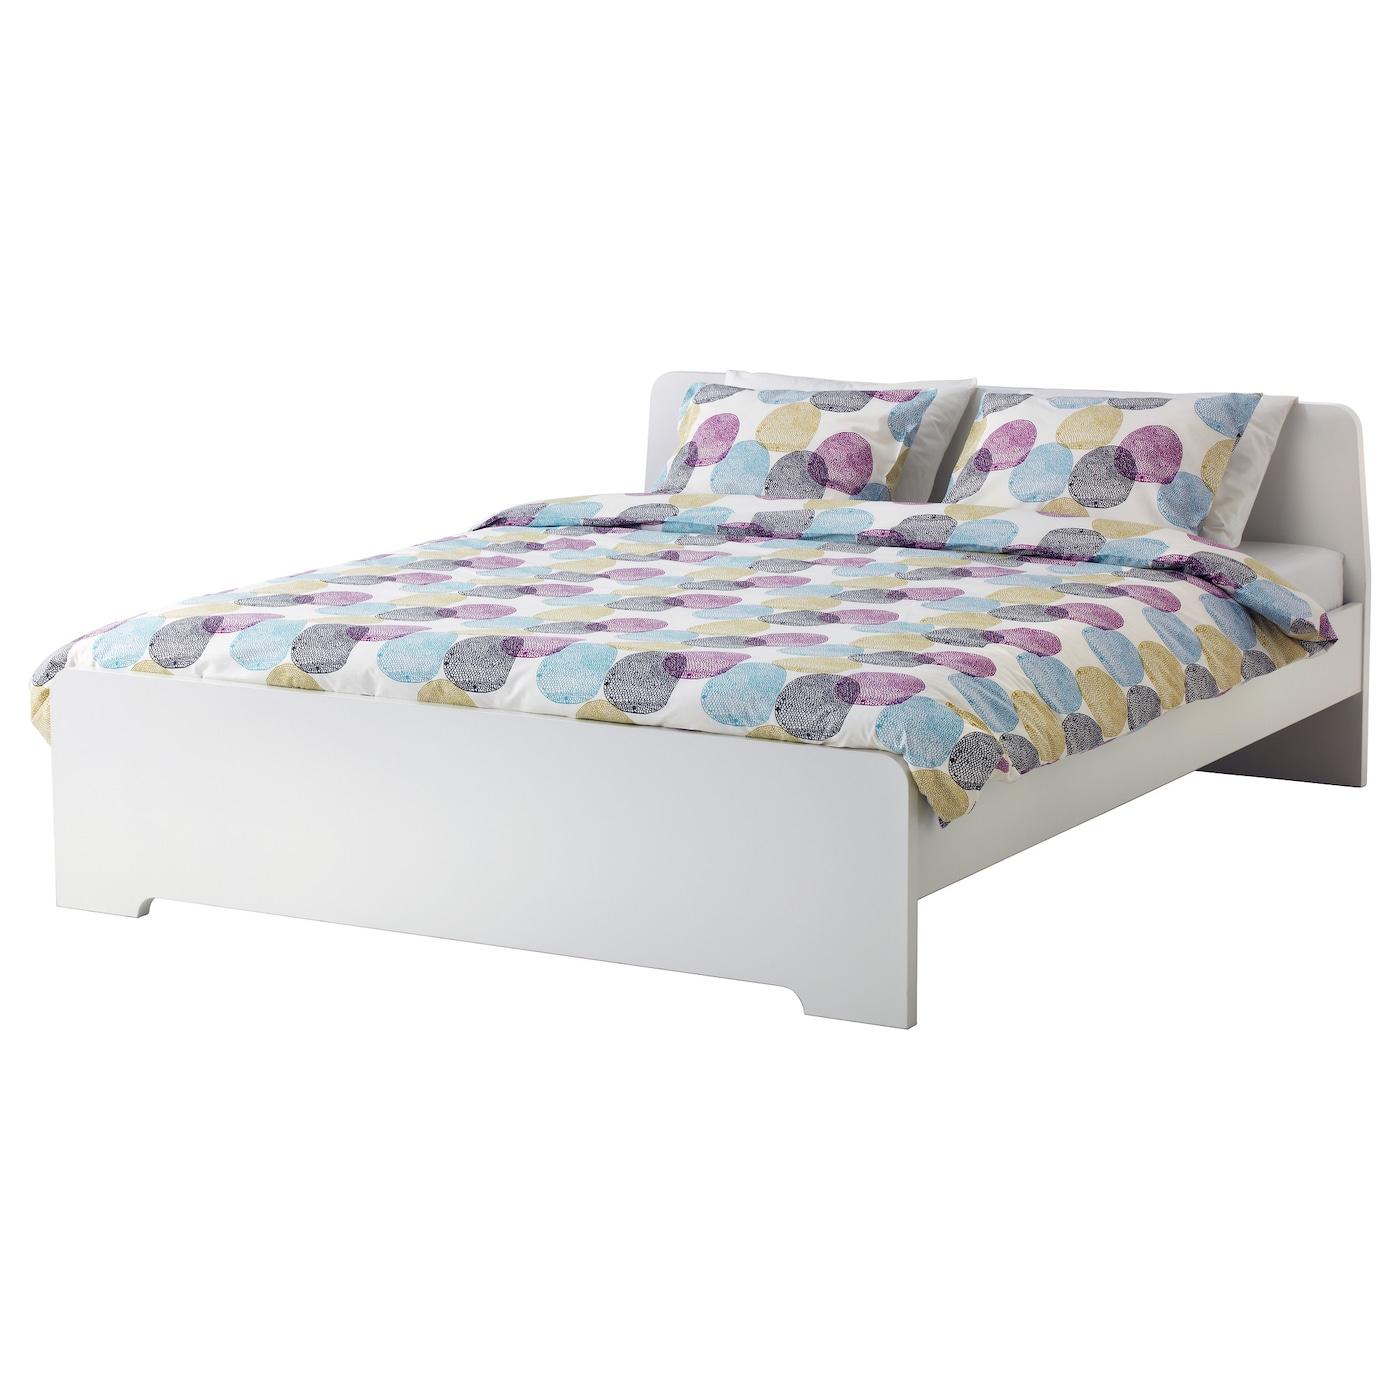 Askvoll cadre de lit blanc 140x200 cm ikea for Ikea taille du cadre de lit